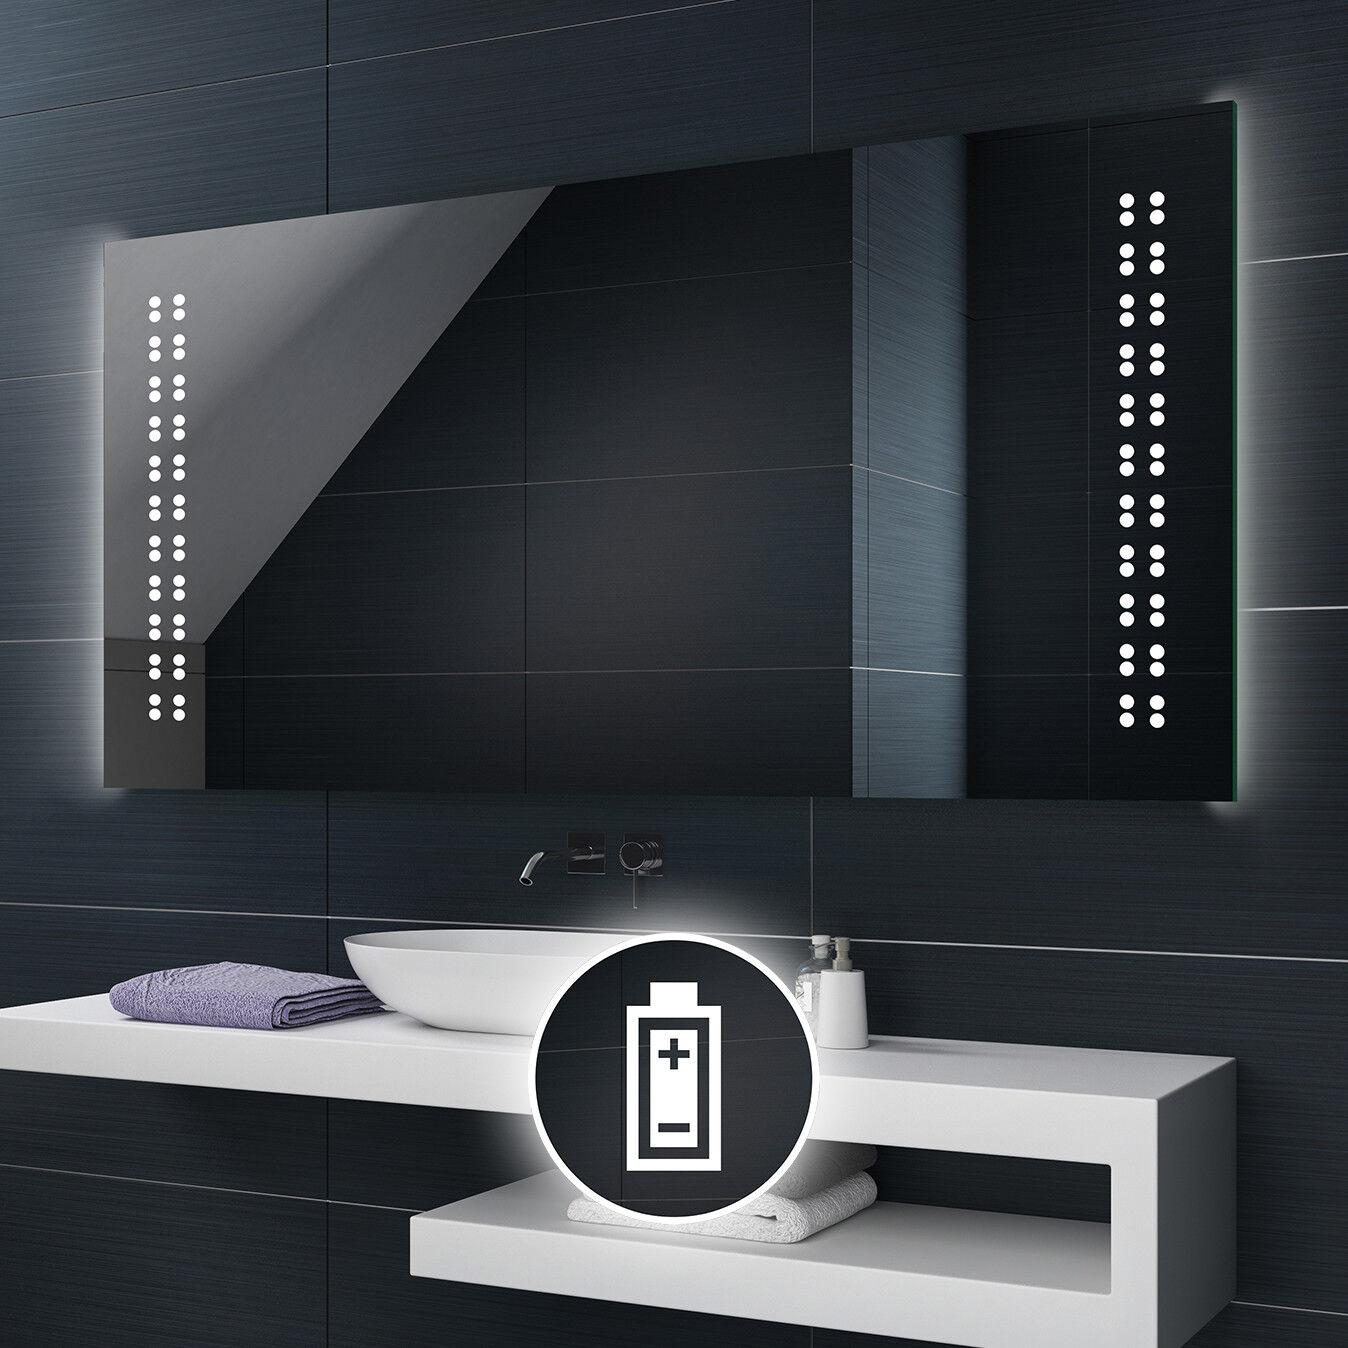 Alimenté par batterie DEL illuminé Miroir de salle de bains Batterie taille personnalisée L55